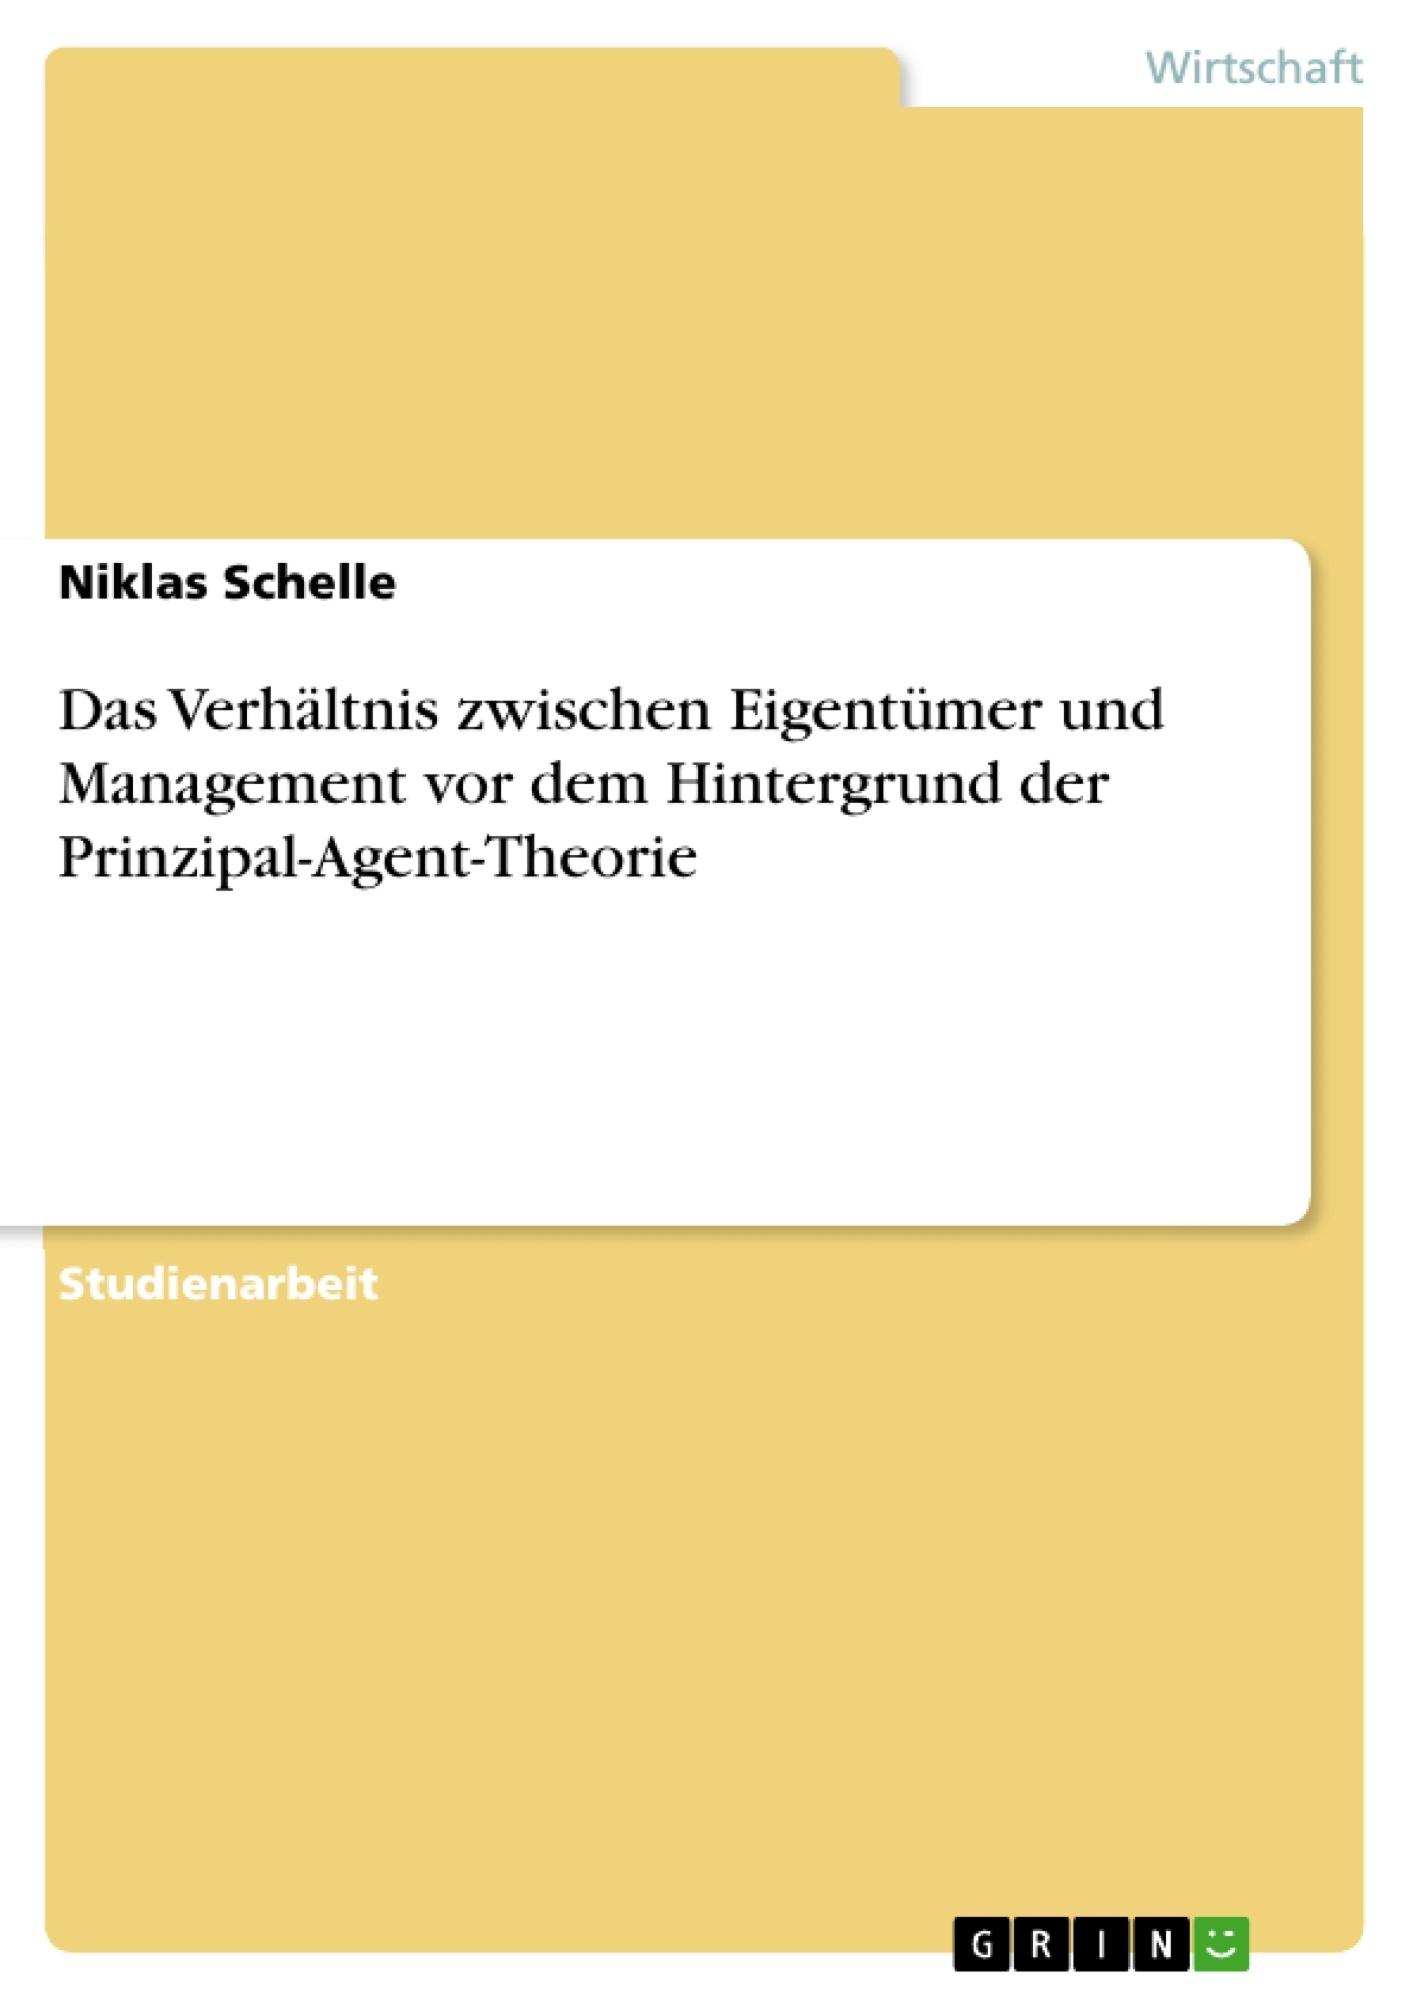 Titel: Das Verhältnis zwischen Eigentümer und Management vor dem Hintergrund der Prinzipal-Agent-Theorie